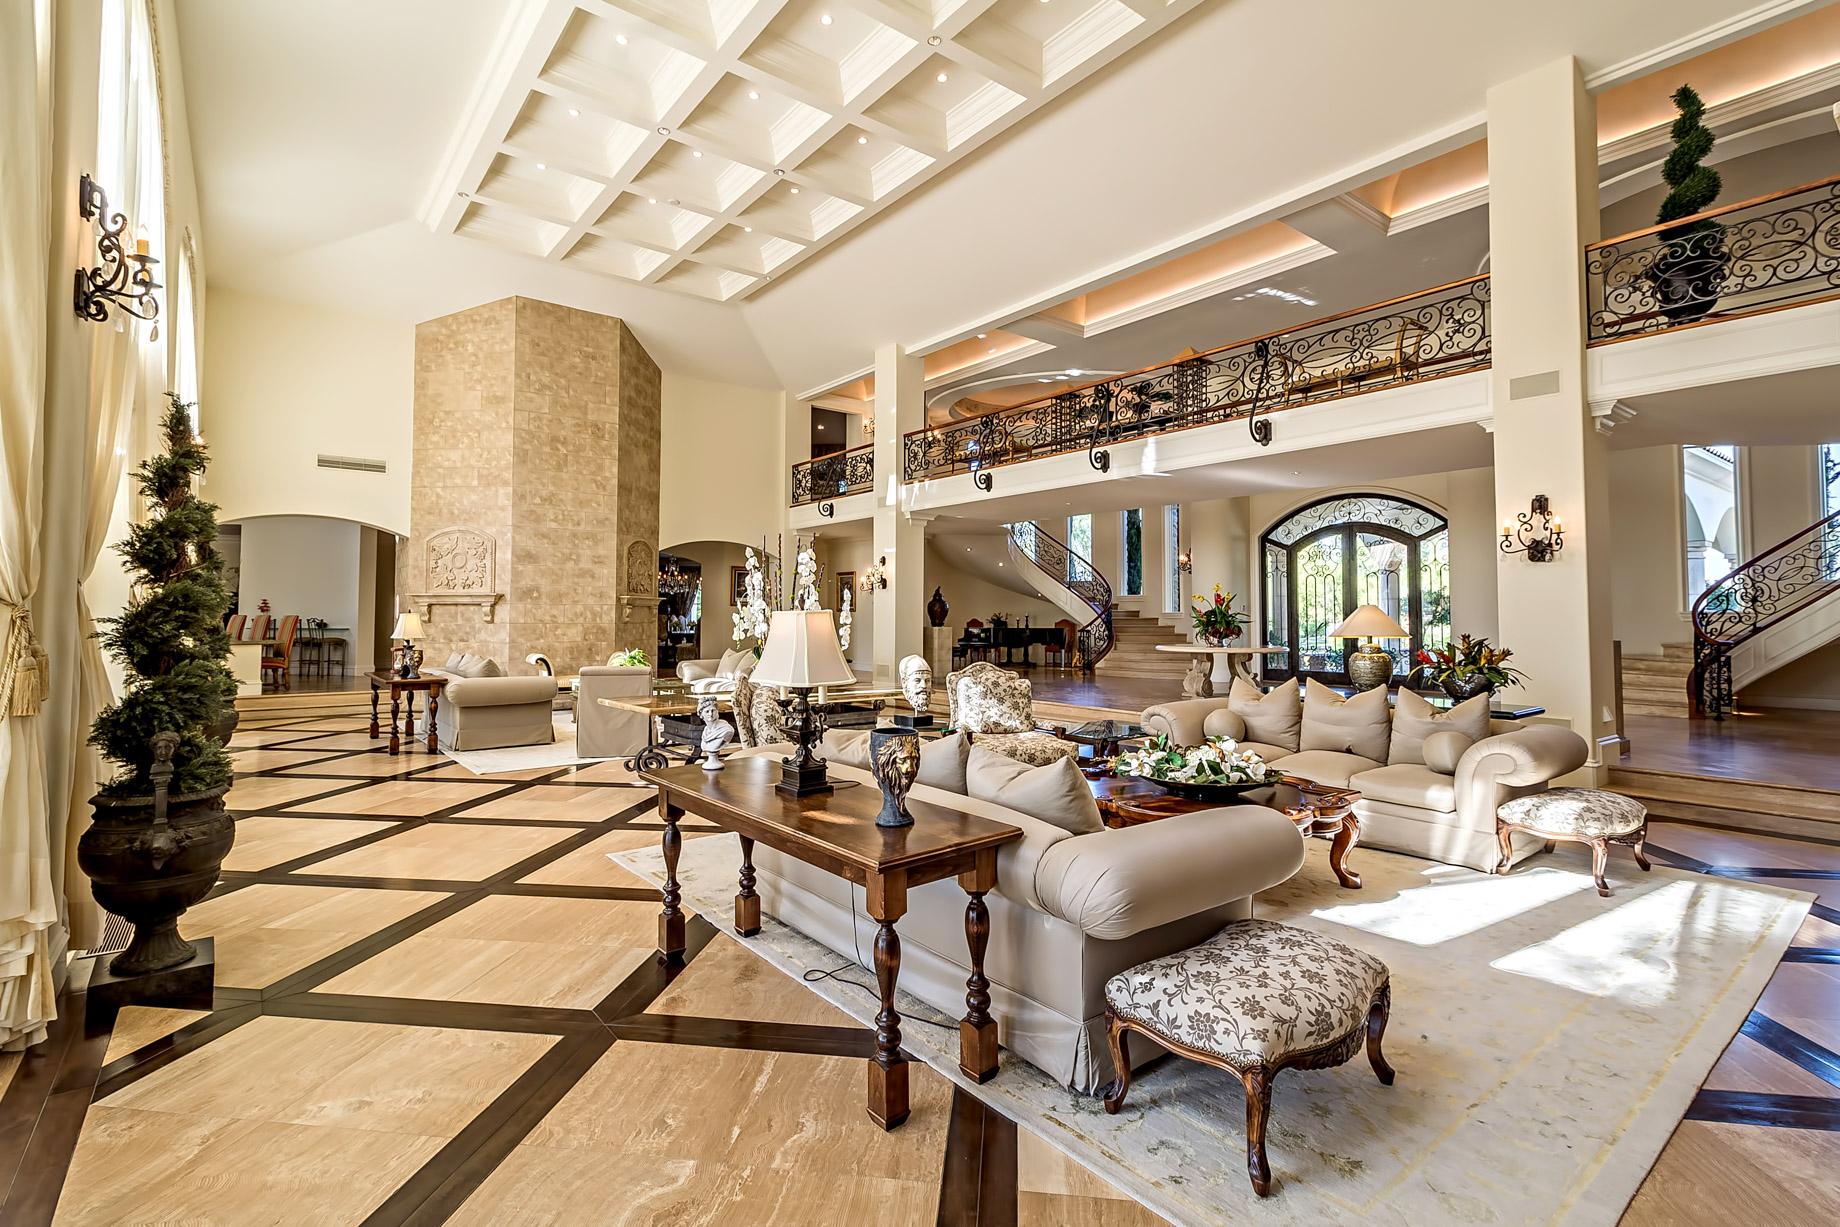 Casa Rancho Mirage - 1 St. Petersburg Ct, Rancho Mirage, CA, USA